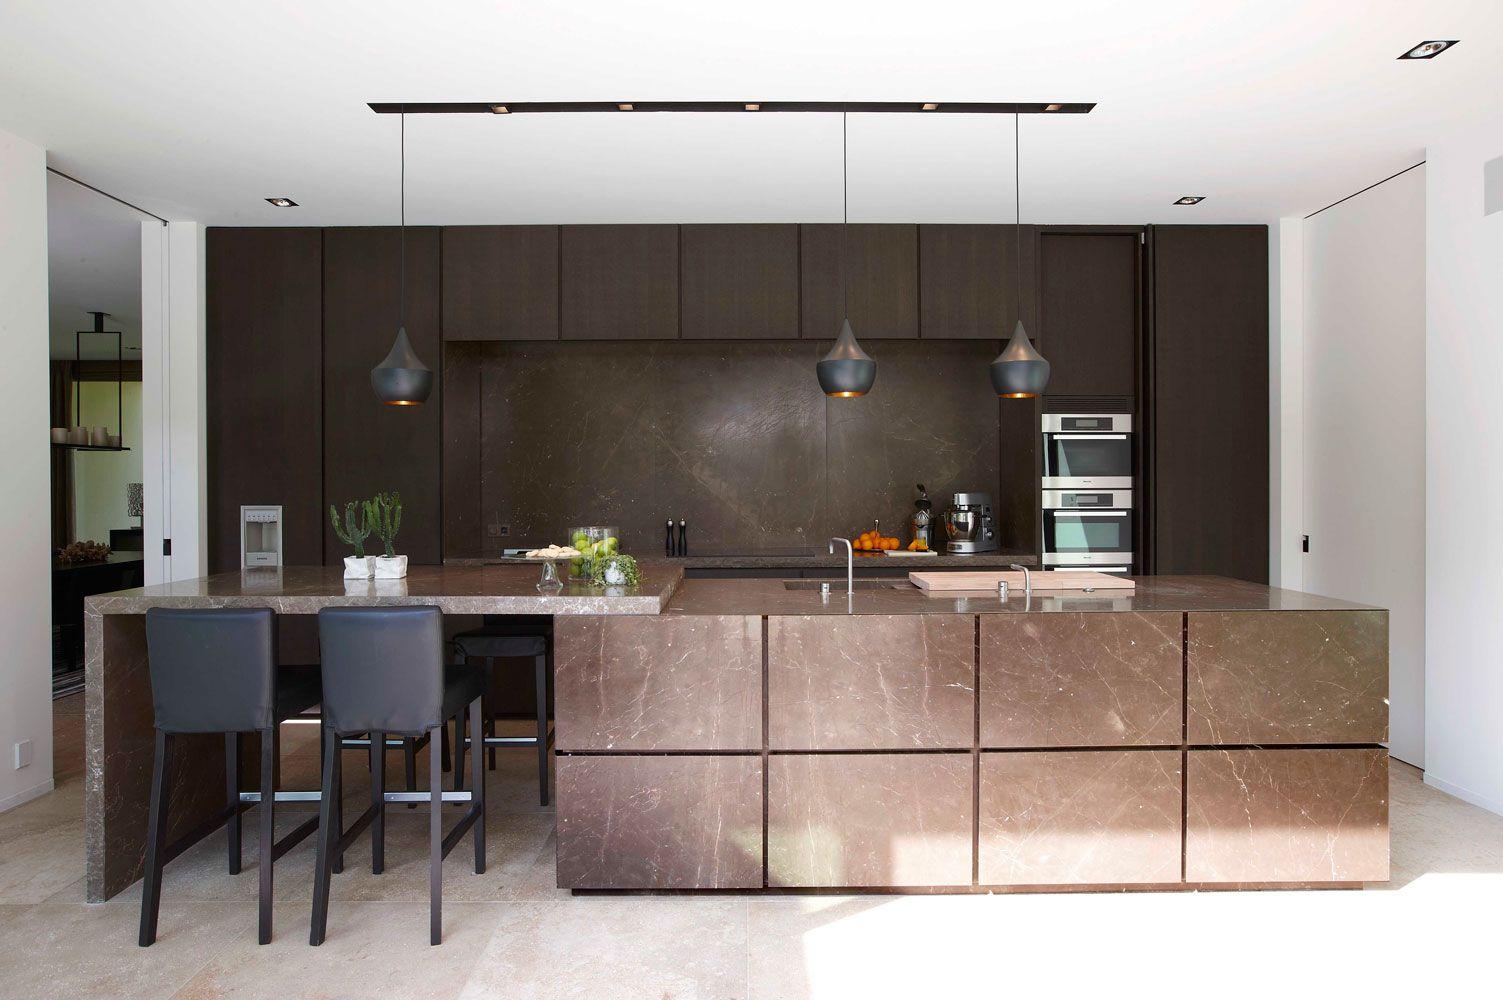 Renovierung von küchenideen exklusiver villenbau villenbau vlassak verhulst  kitchen